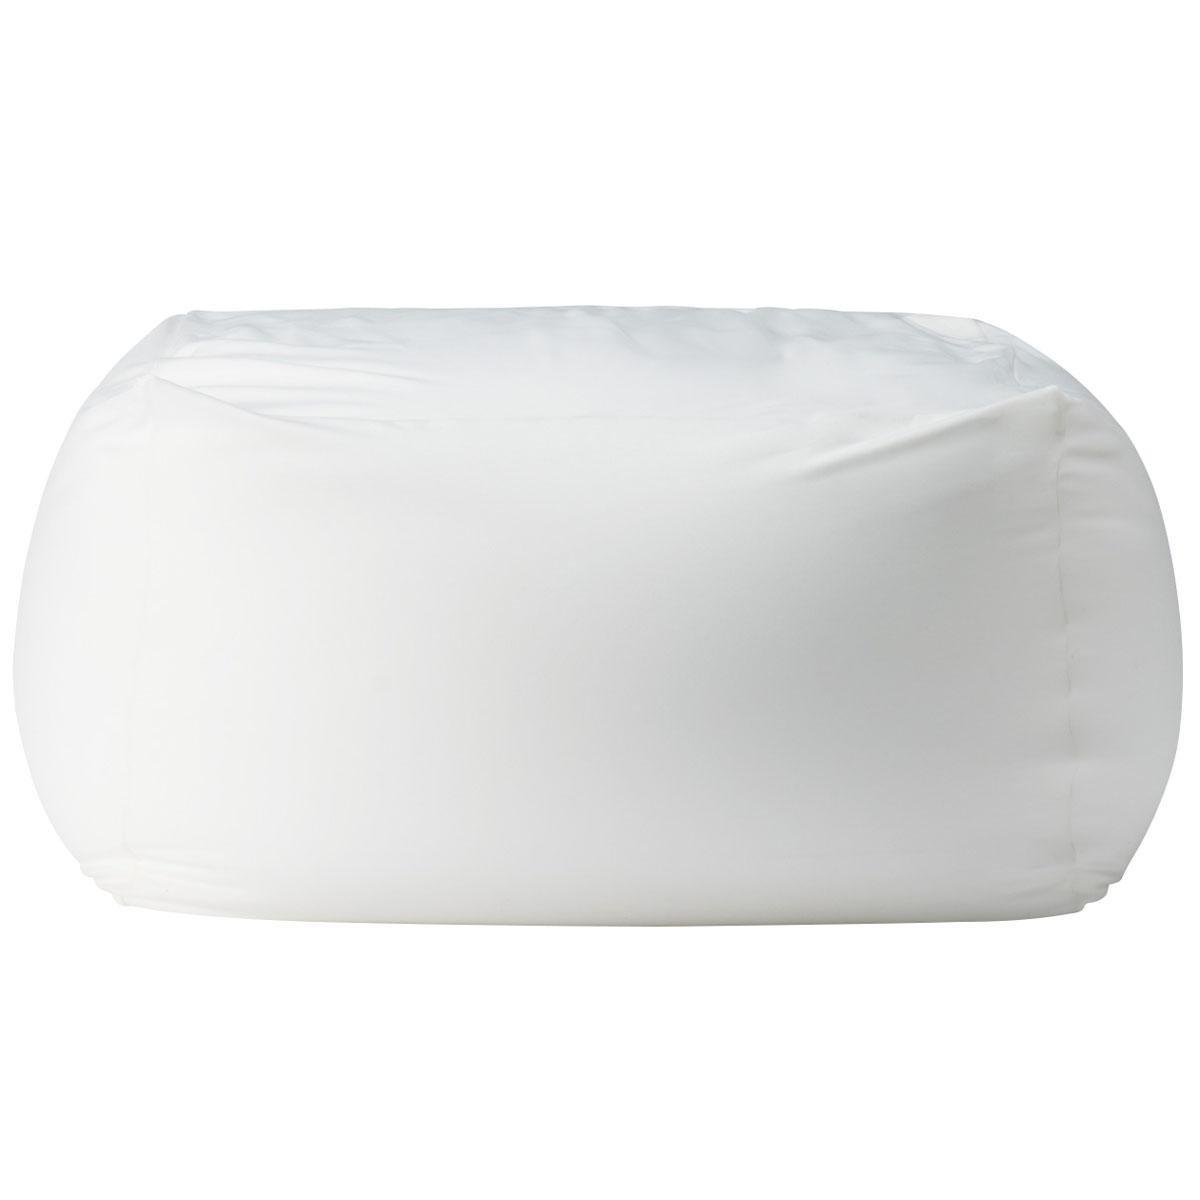 舒適豆袋梳化